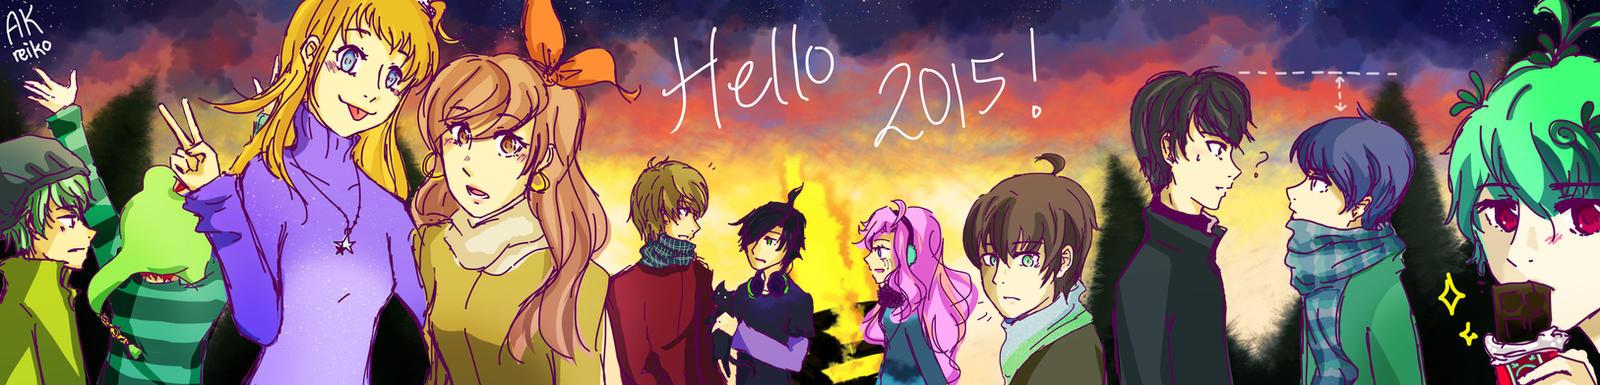 Hello 2015! by AKreiko